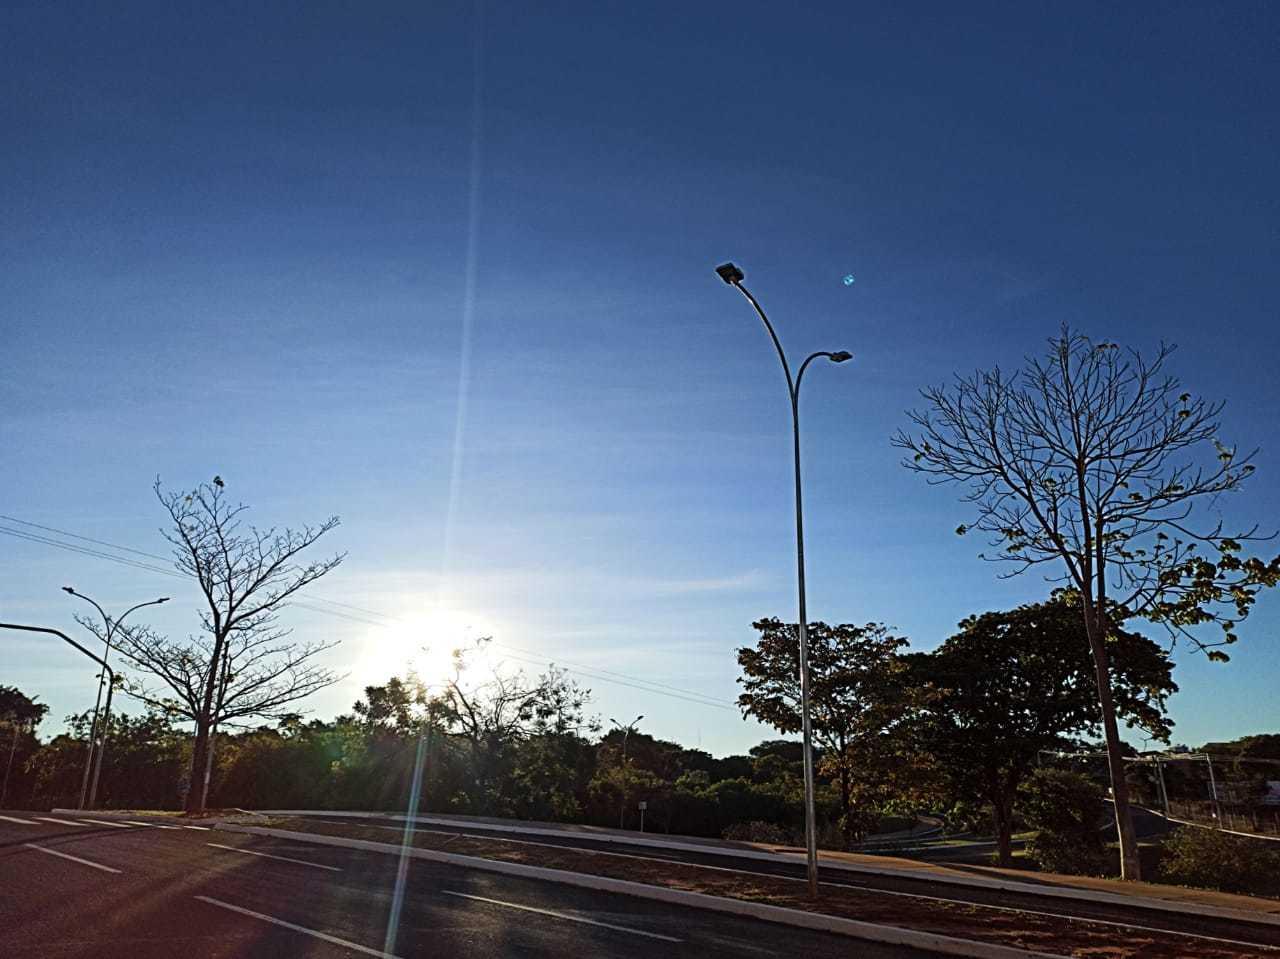 Céu azul e sol brilhando traz cenário que já vai embora de Campo Grande nos próximos dias (Foto: Kisie Ainoã)